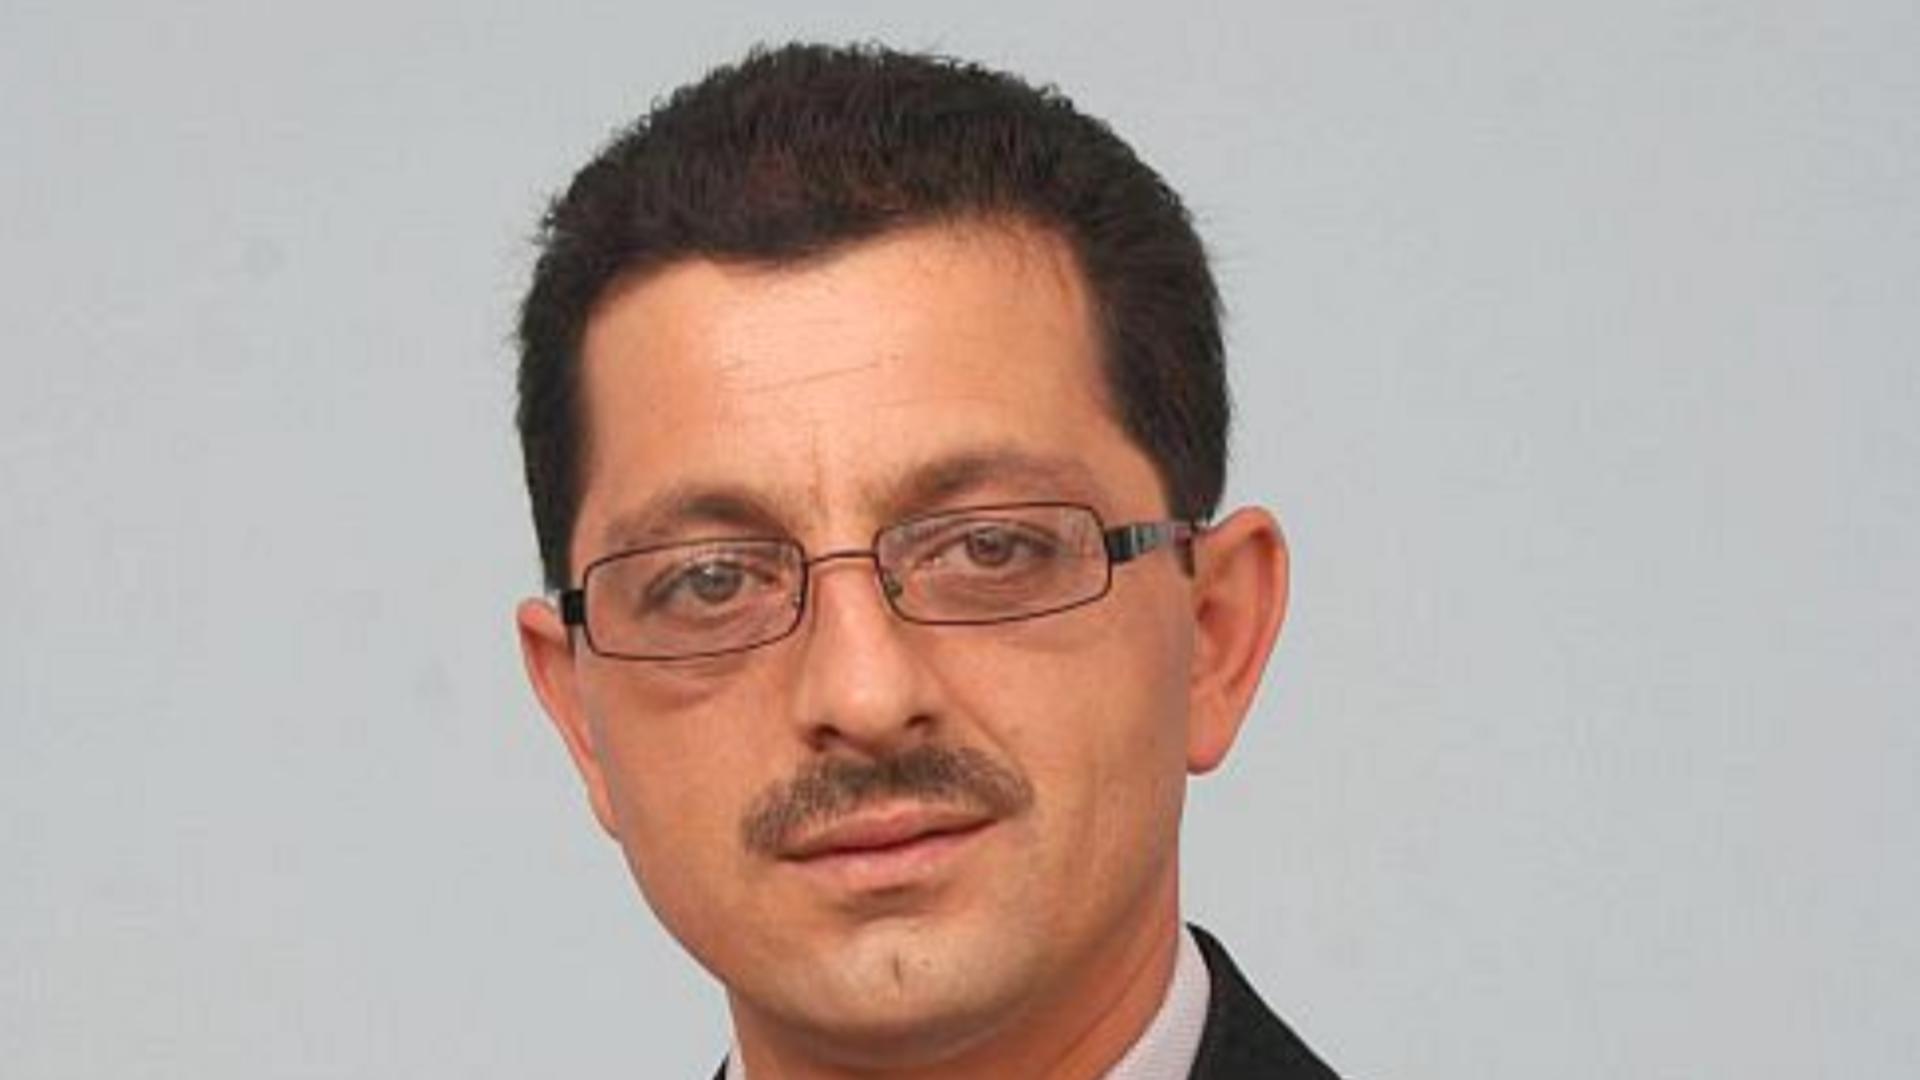 Daniel Nicolaș, primarul Odobeștiului se apără după plângeri penale cu avocați angajați din bani publici